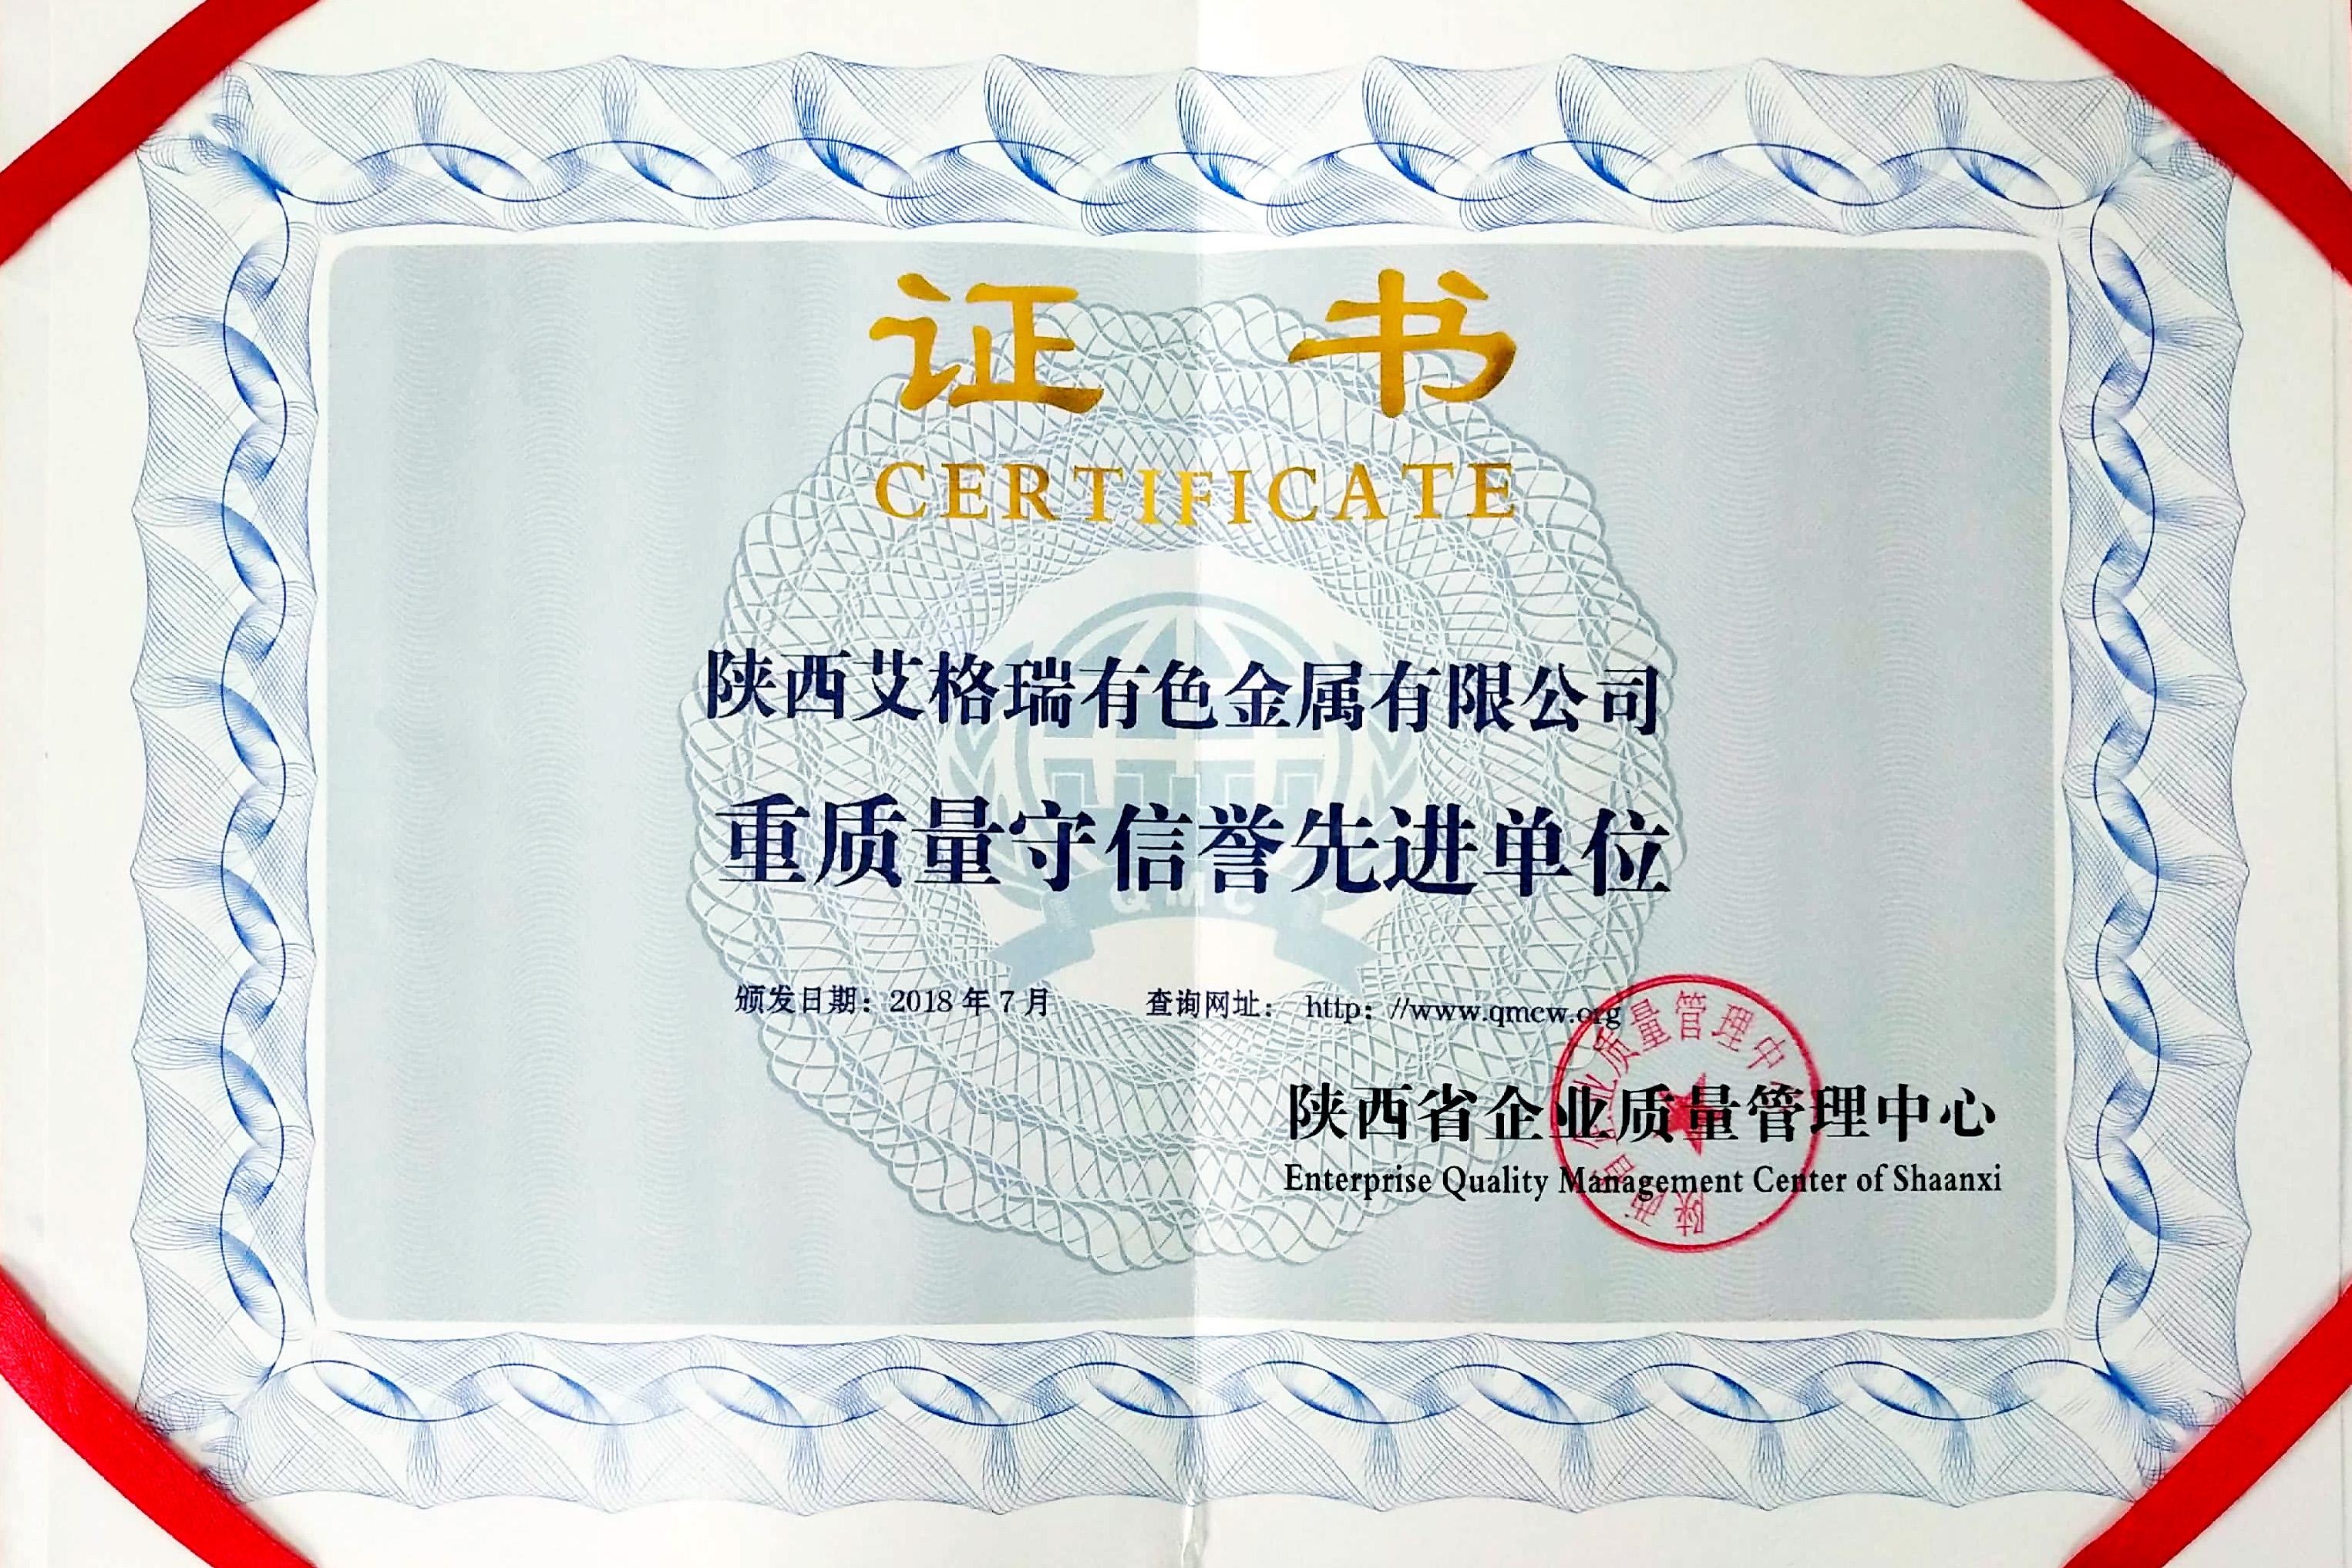 重质量守信誉先进单位-证书